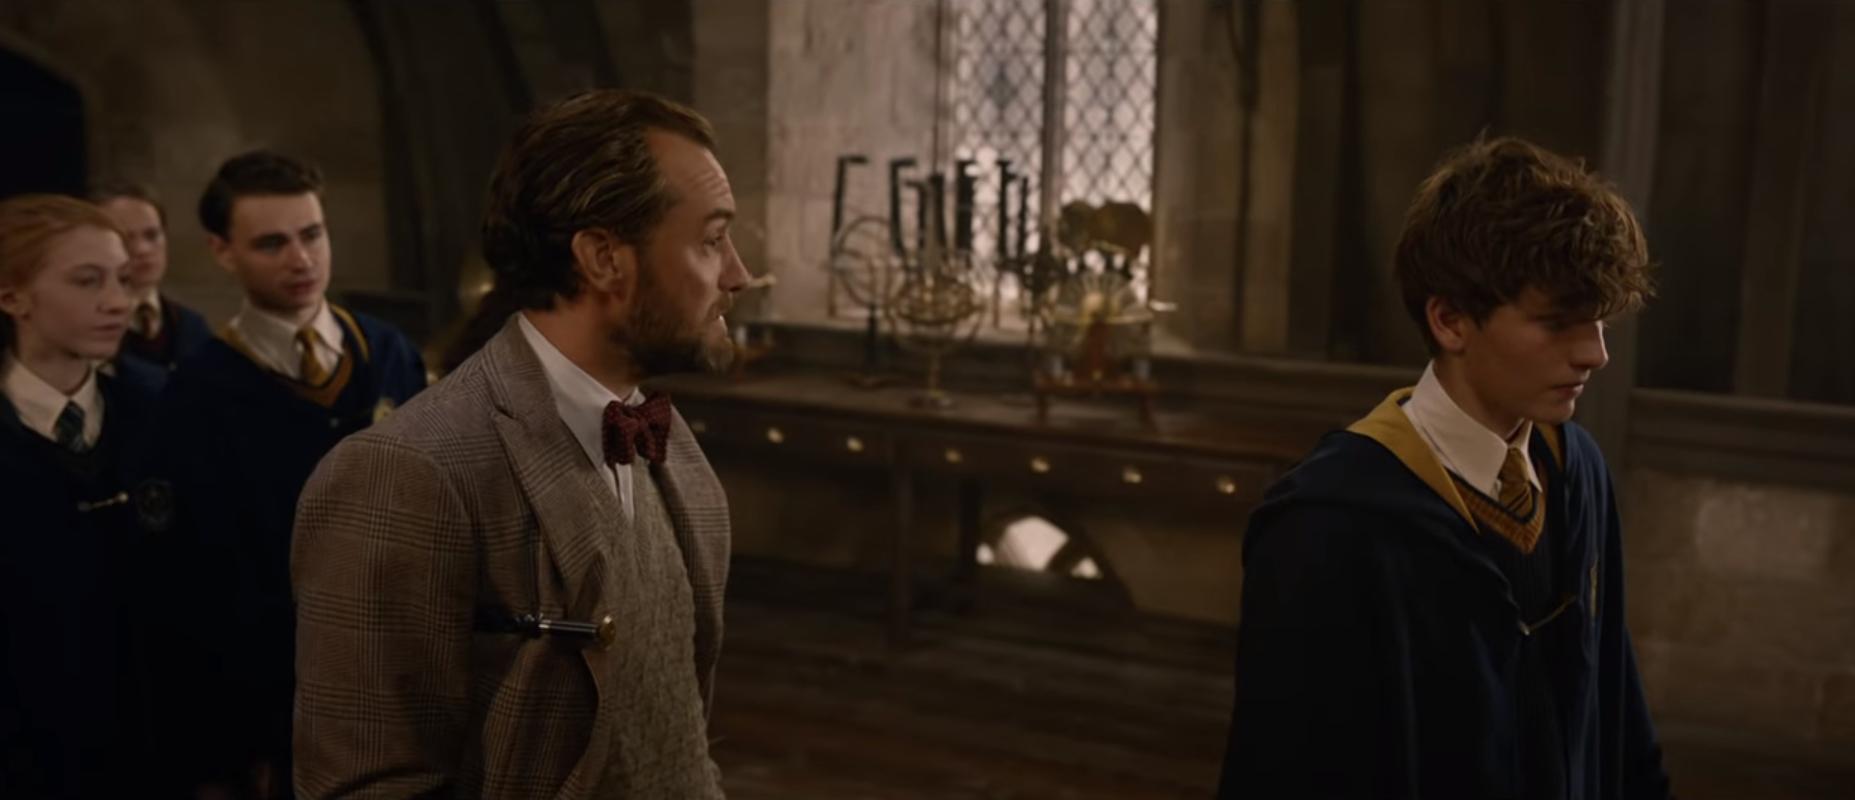 """Cena de """"Animais Fantásticos: os Crimes de Grindelwald"""" em que Dumbledore ensina a Newt e seus colegas o feitiço """"Ridikulus"""""""